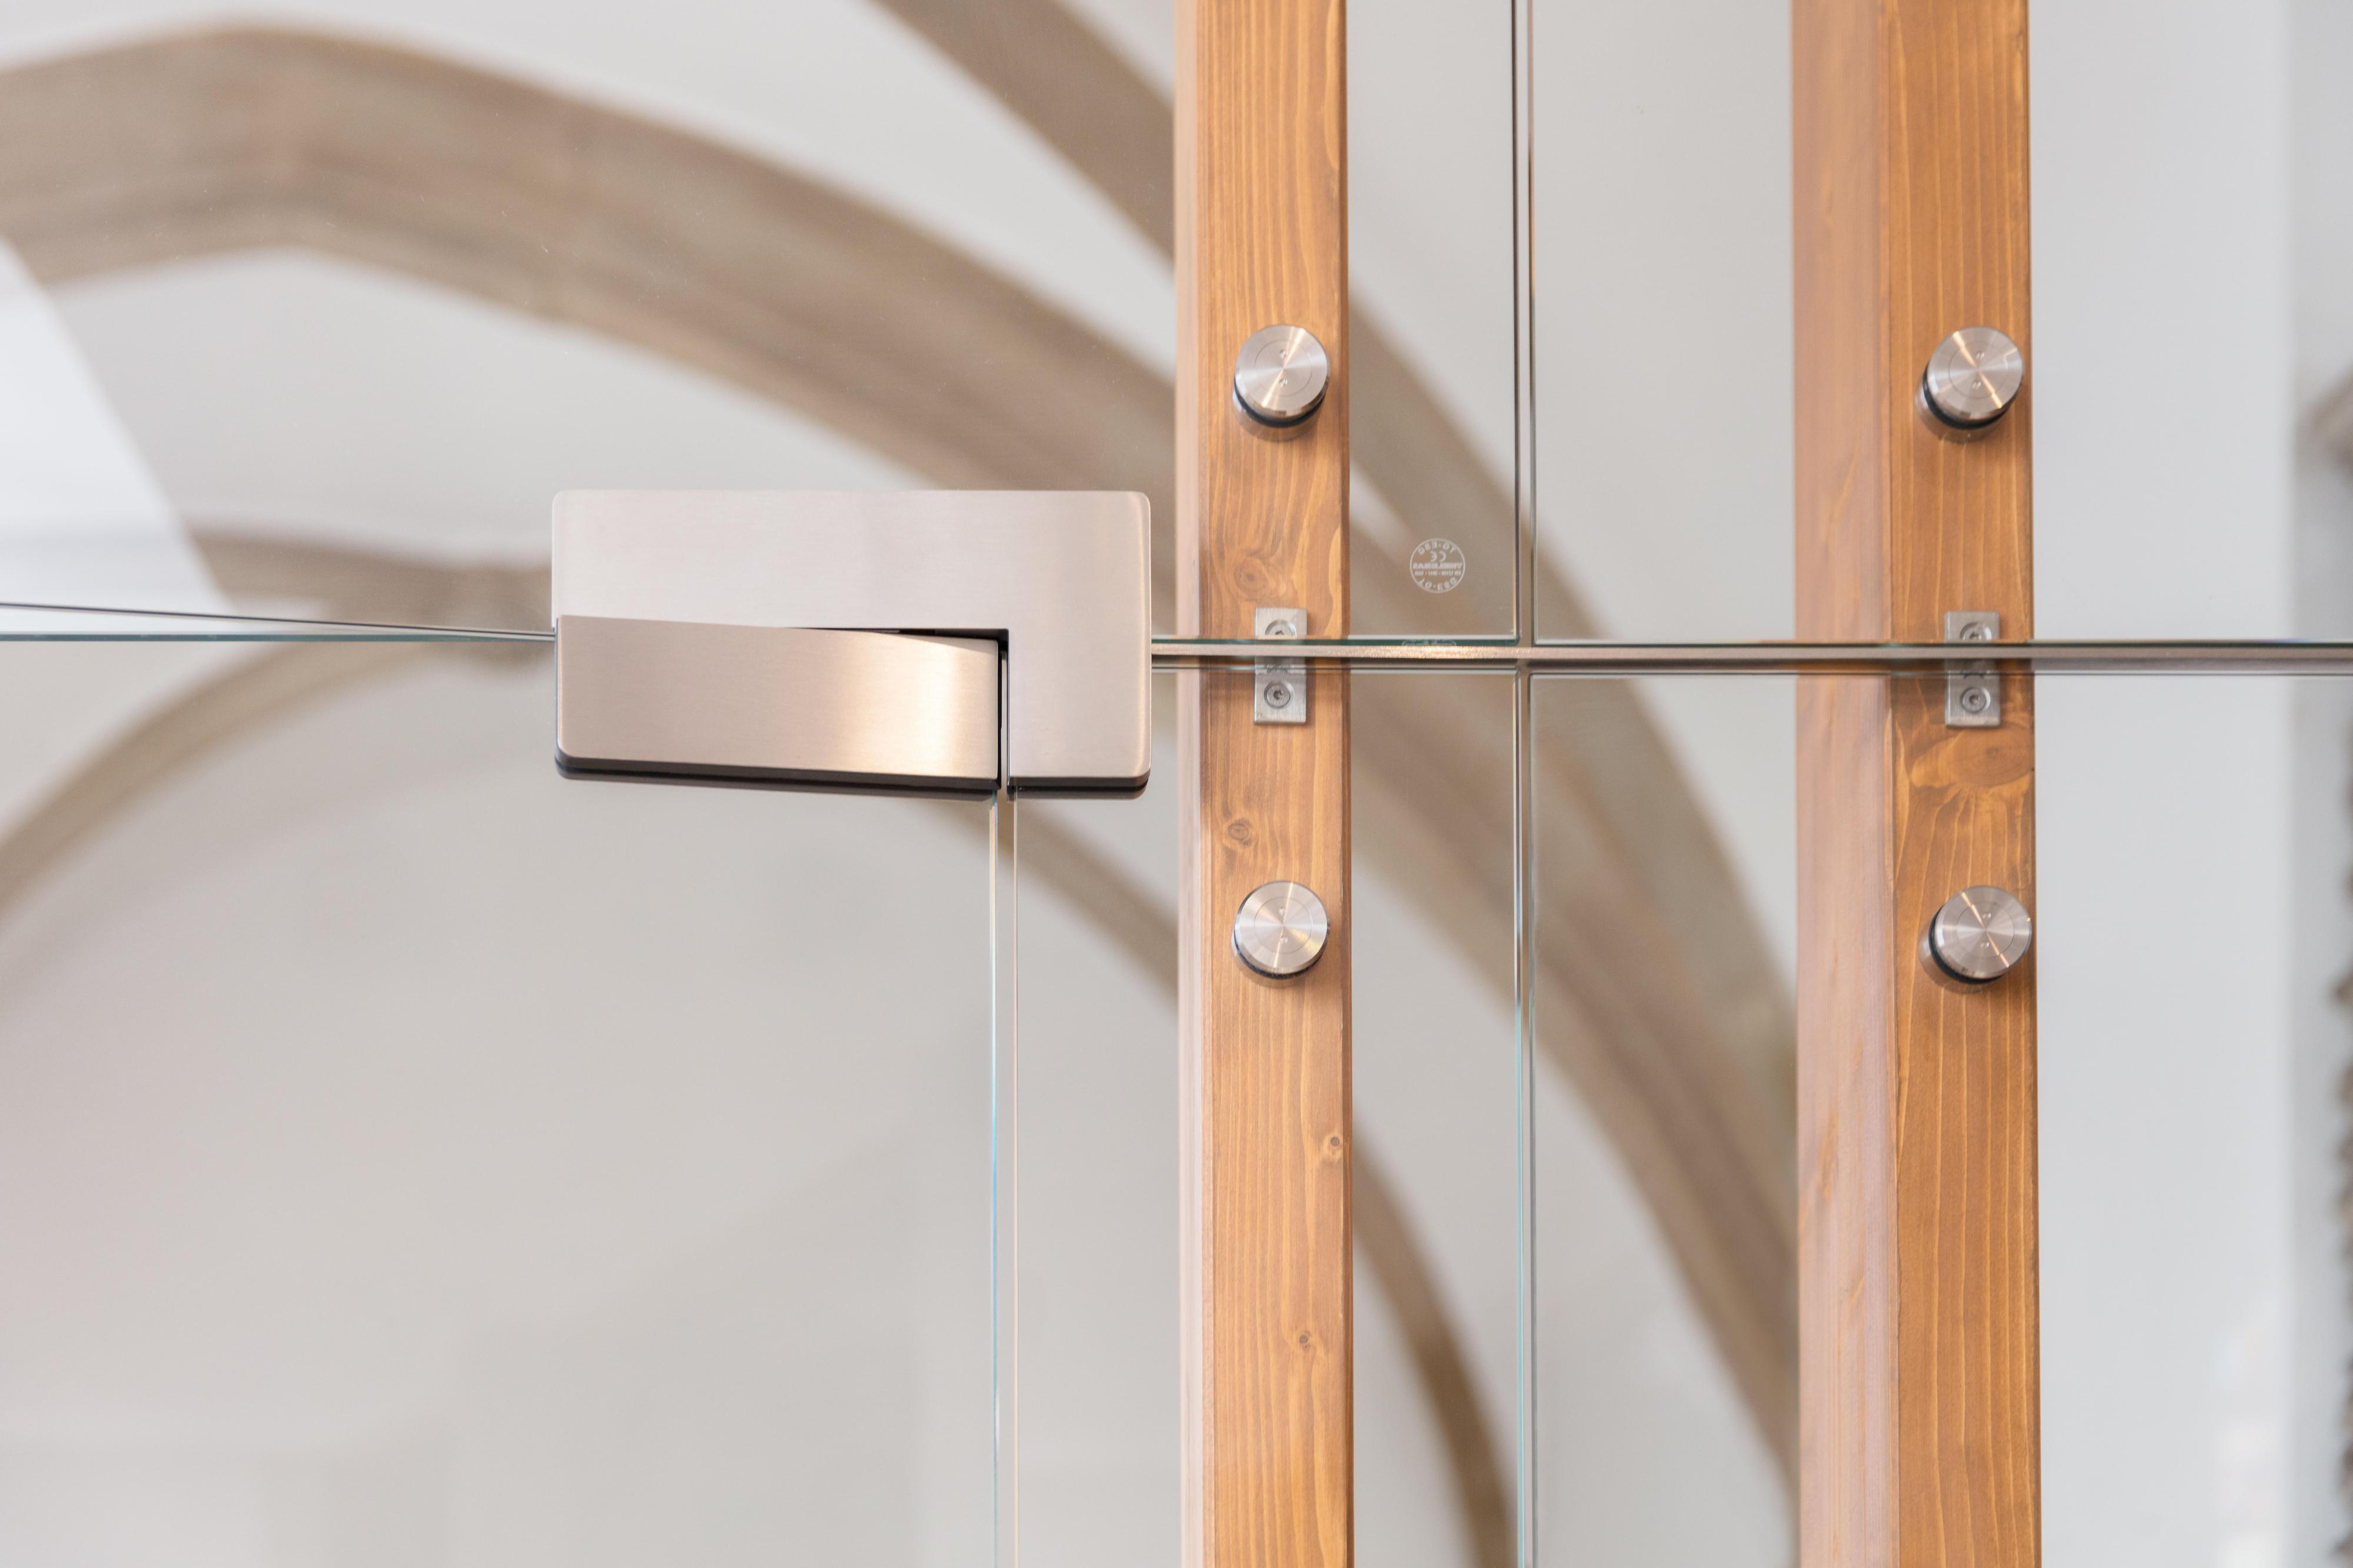 Dorma Arcos Office Glass Door Fittings Heavy Duty Elegance